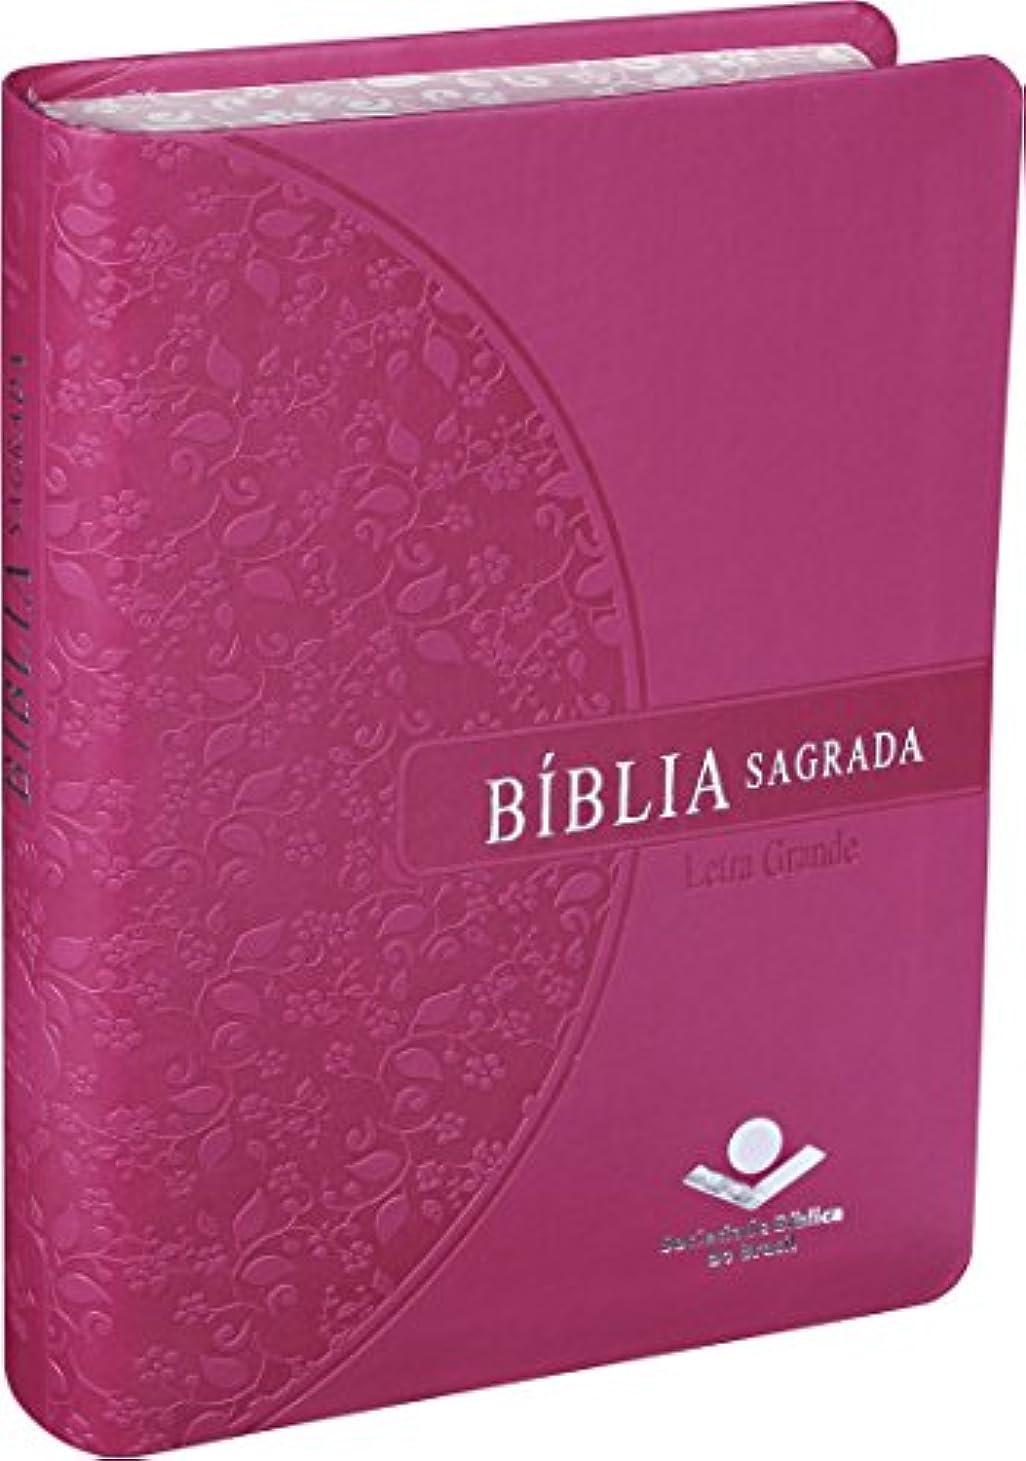 トピックインシュレータ安いですBiblia Sagrada Letra Grande - Rosa - SBB